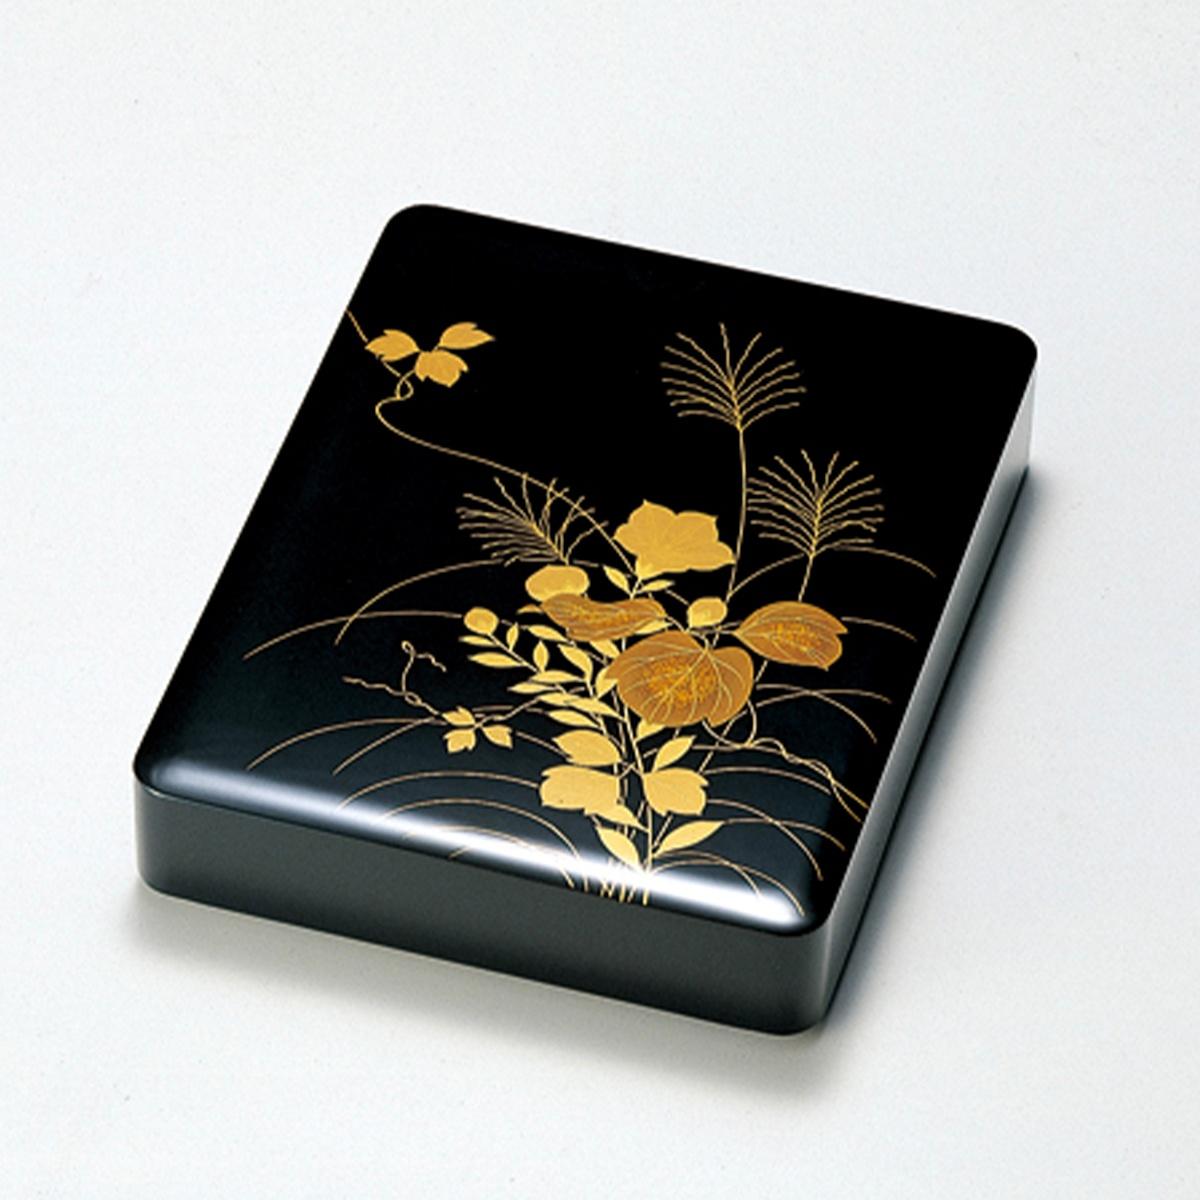 【ポイント 3倍中!更にクーポン】秋草 硯箱(黒)宮内庁御用達 日本製 来客 うるし 艶 上品 器 漆器 手塗 高級 おすすめ 木 木製 箱 ボックス 就職祝い 昇進祝い 合格祝い ギフト 硯箱 磨き蒔絵